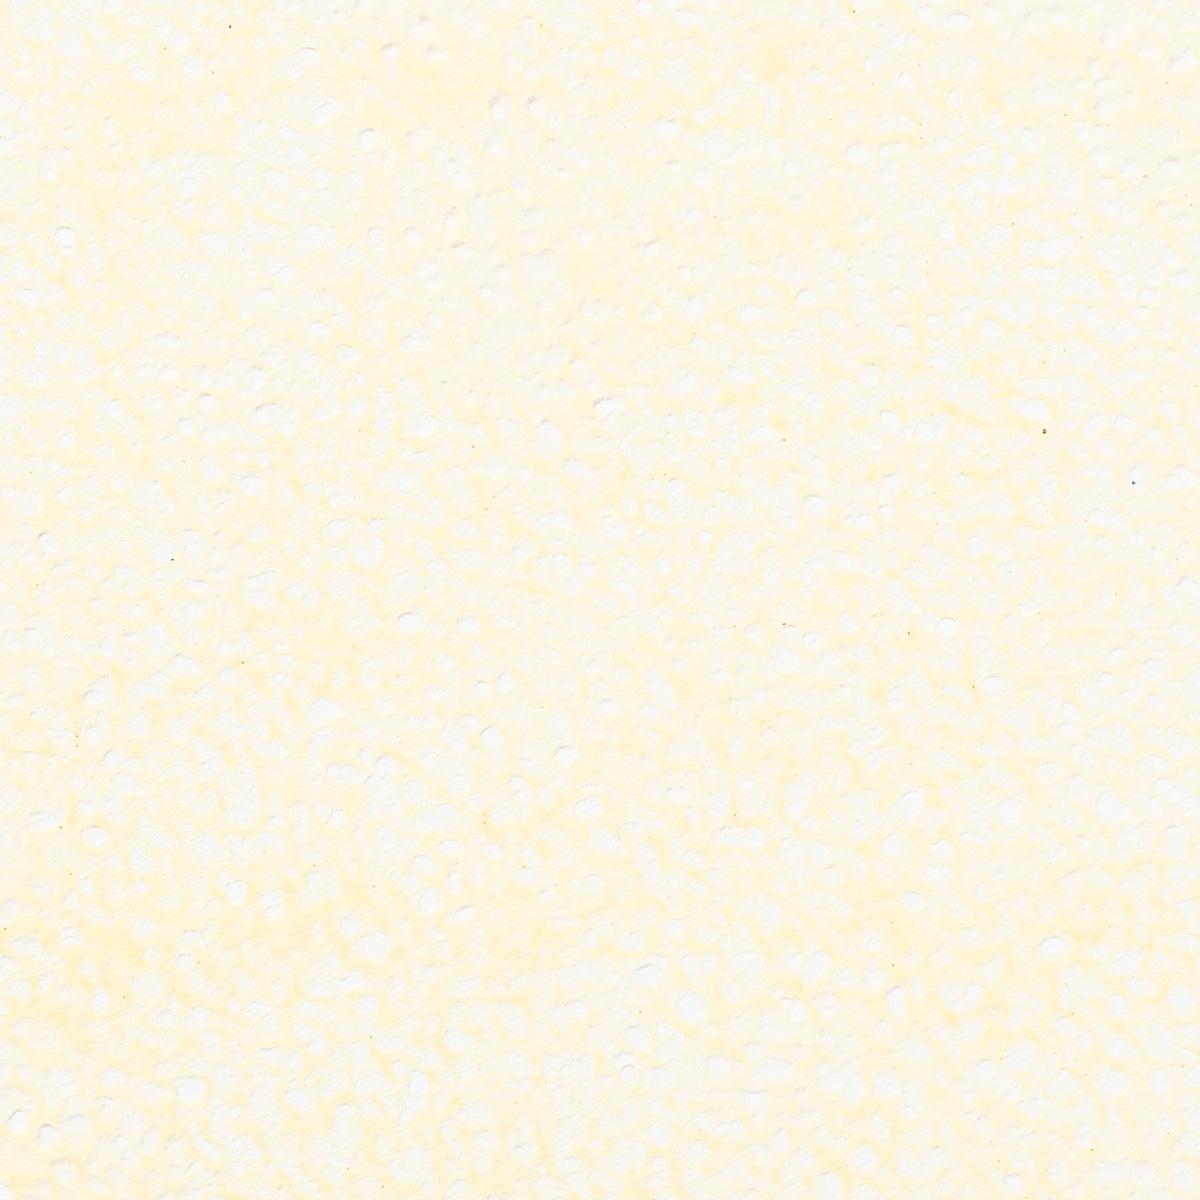 落水紙(春雨)無地染め No.6